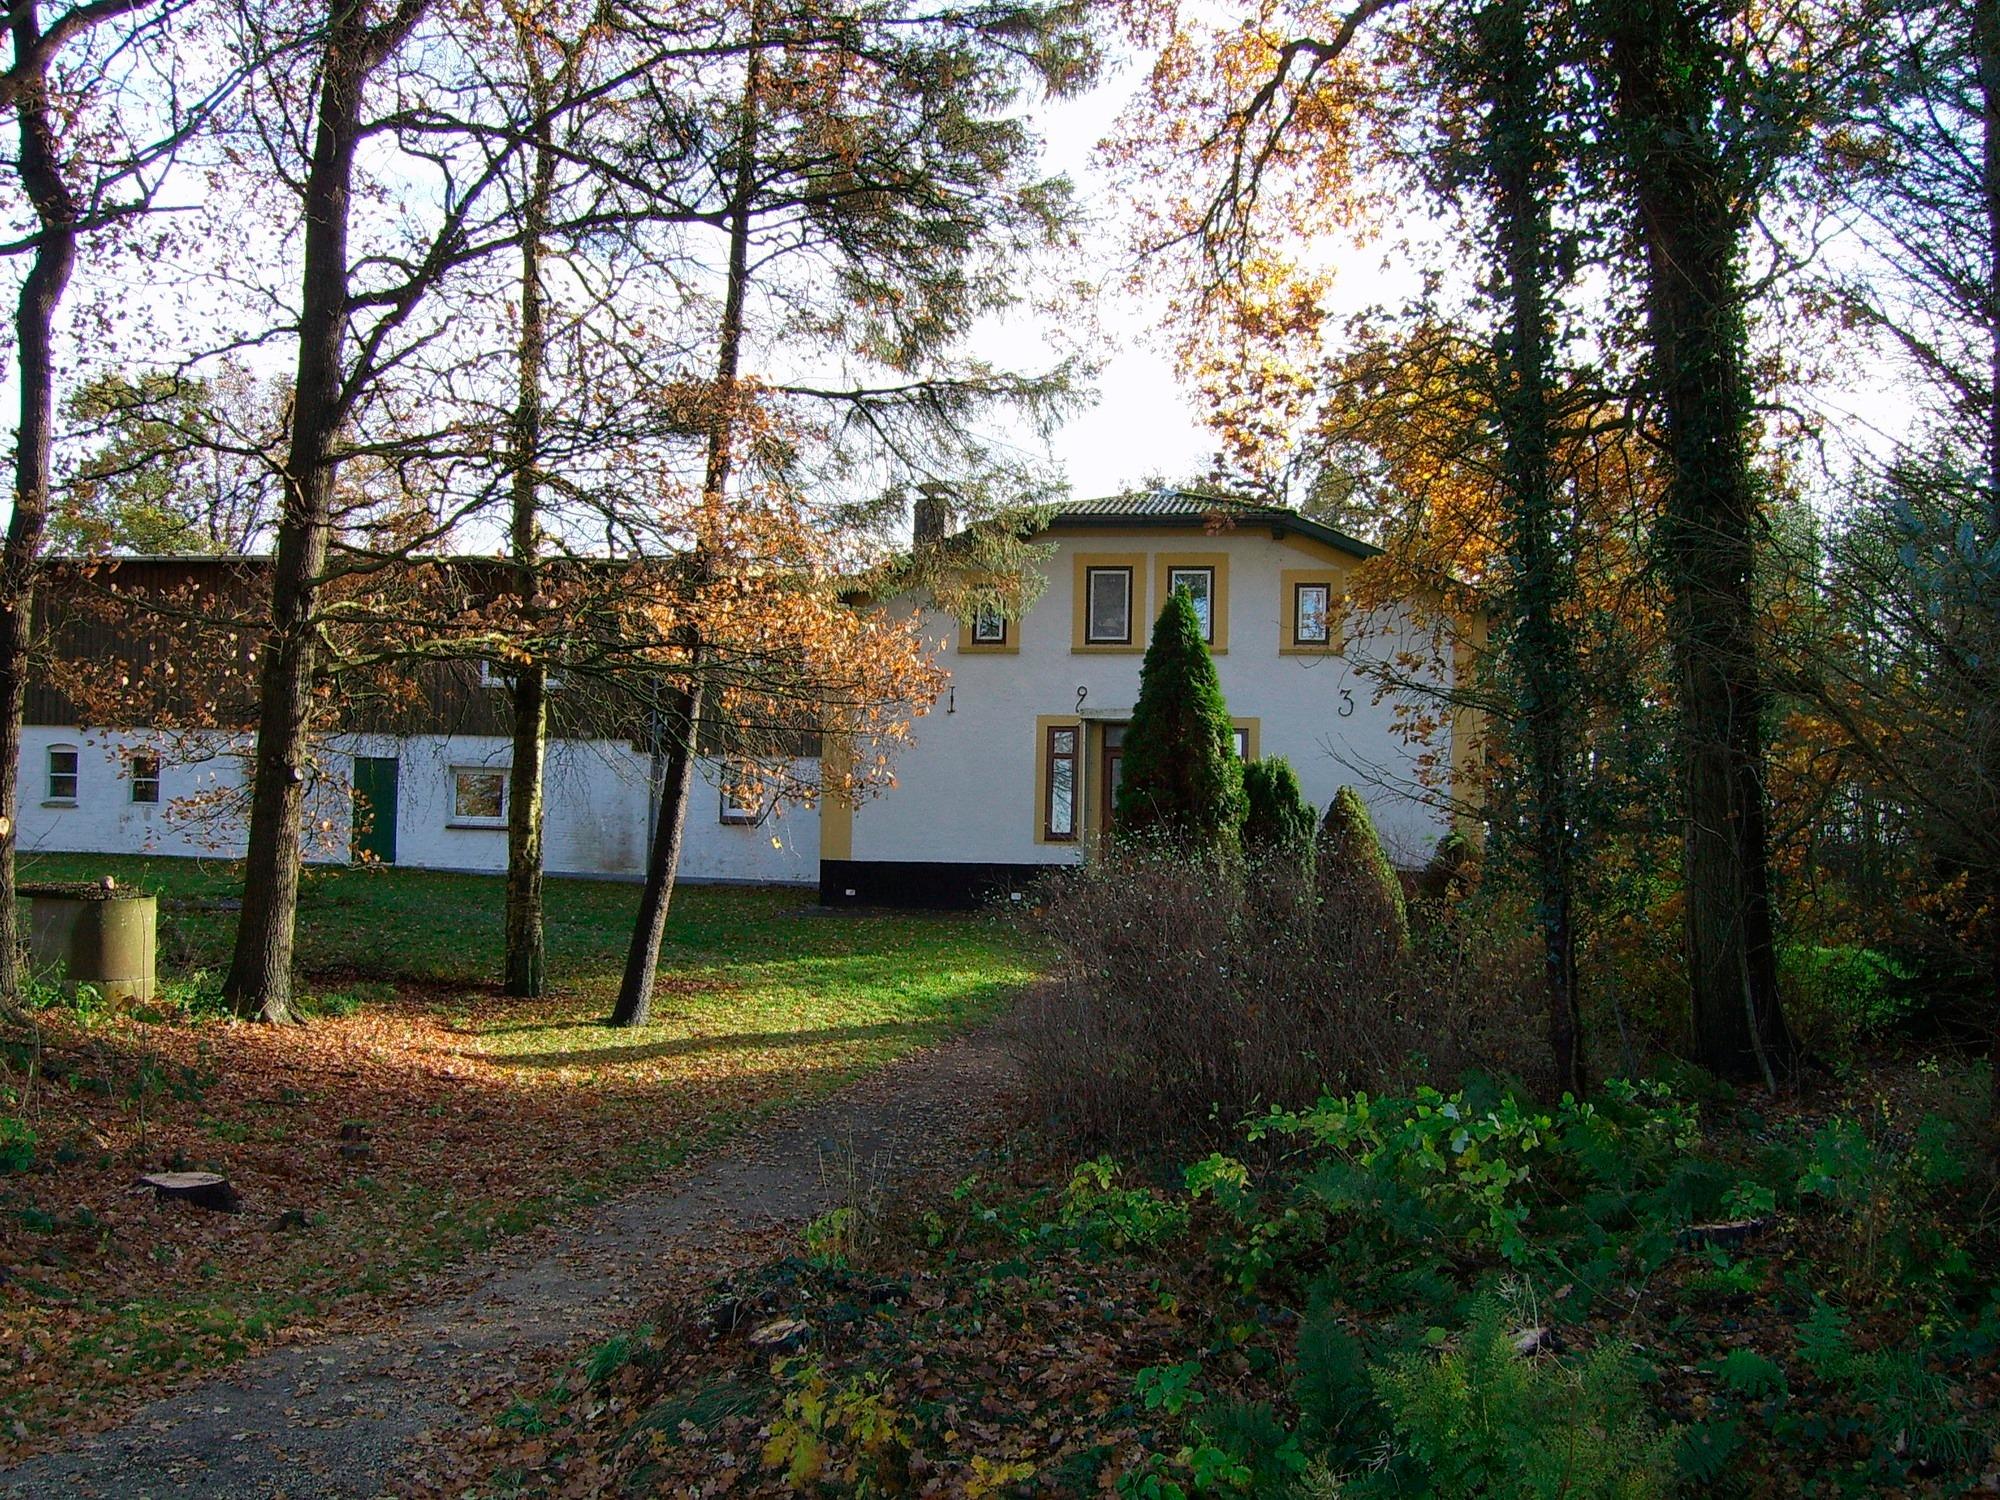 Ferienwohnung Hof Reitmoor (942970), Tackesdorf, Schleswig-Holstein Binnenland, Schleswig-Holstein, Deutschland, Bild 1